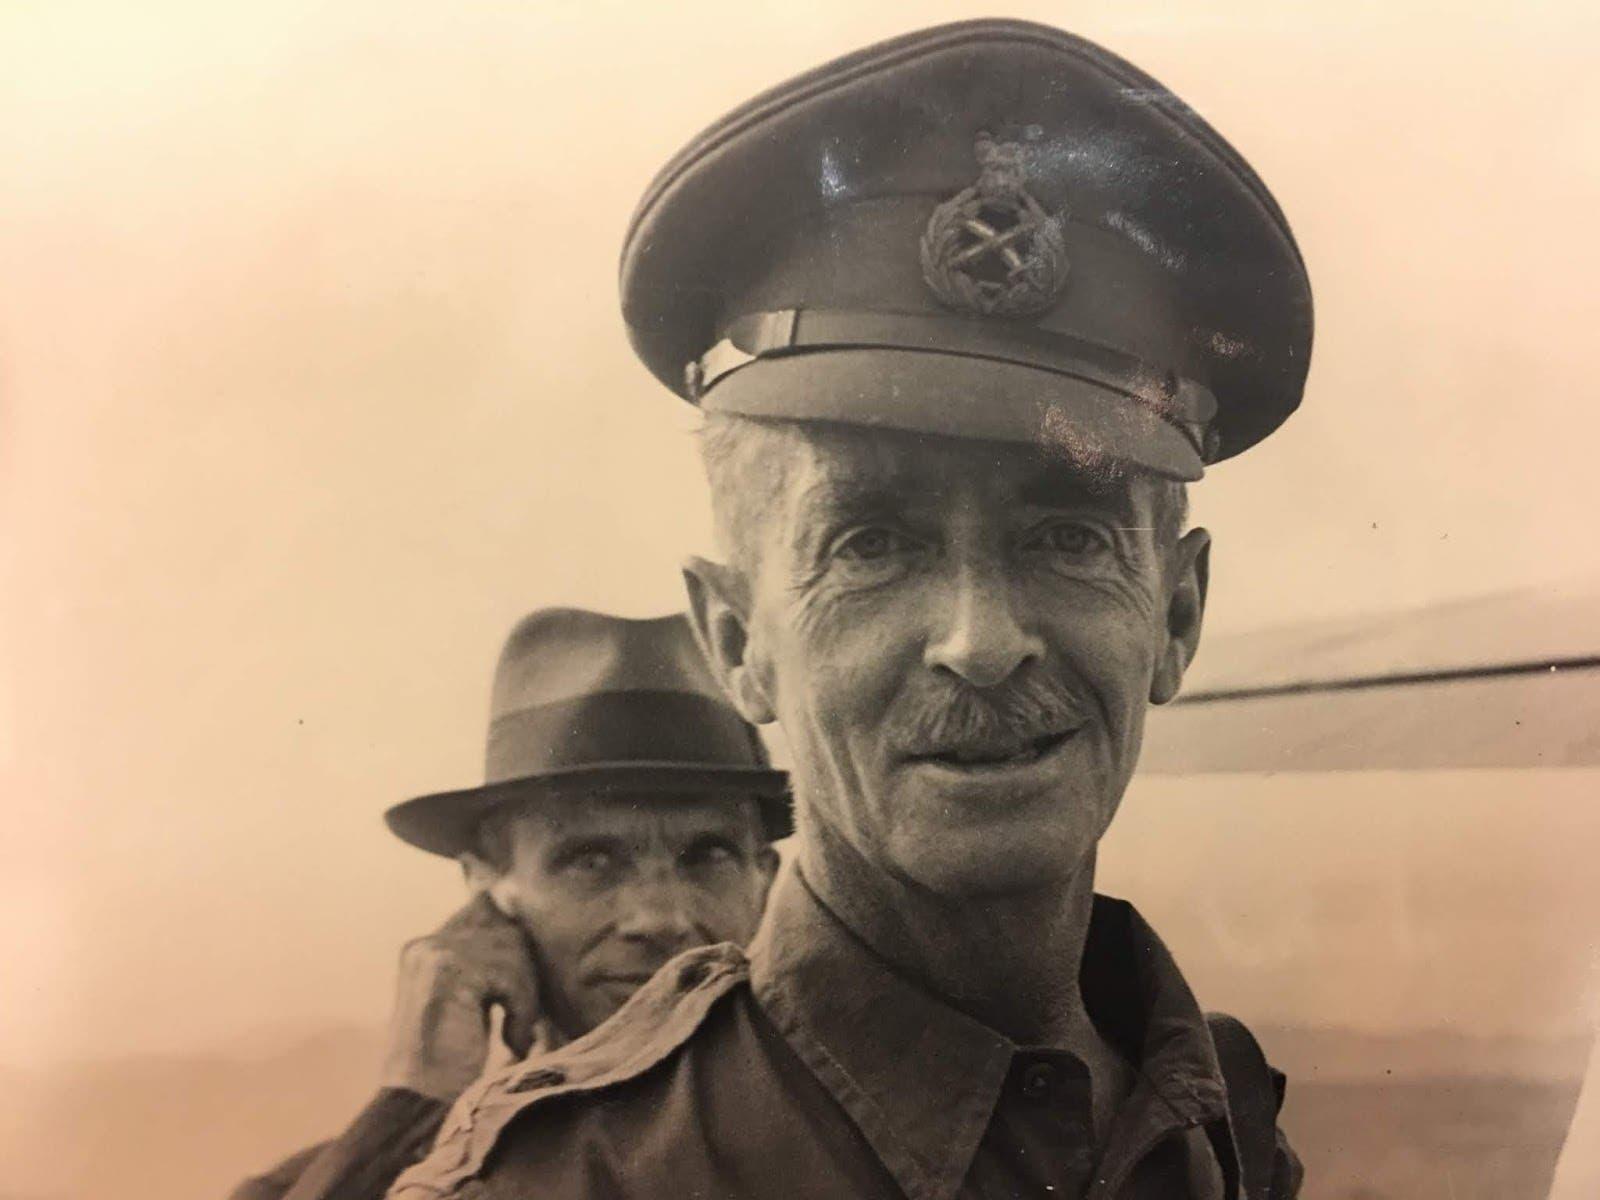 صورة للجنرال البريطاني كريستوفر مالتبي